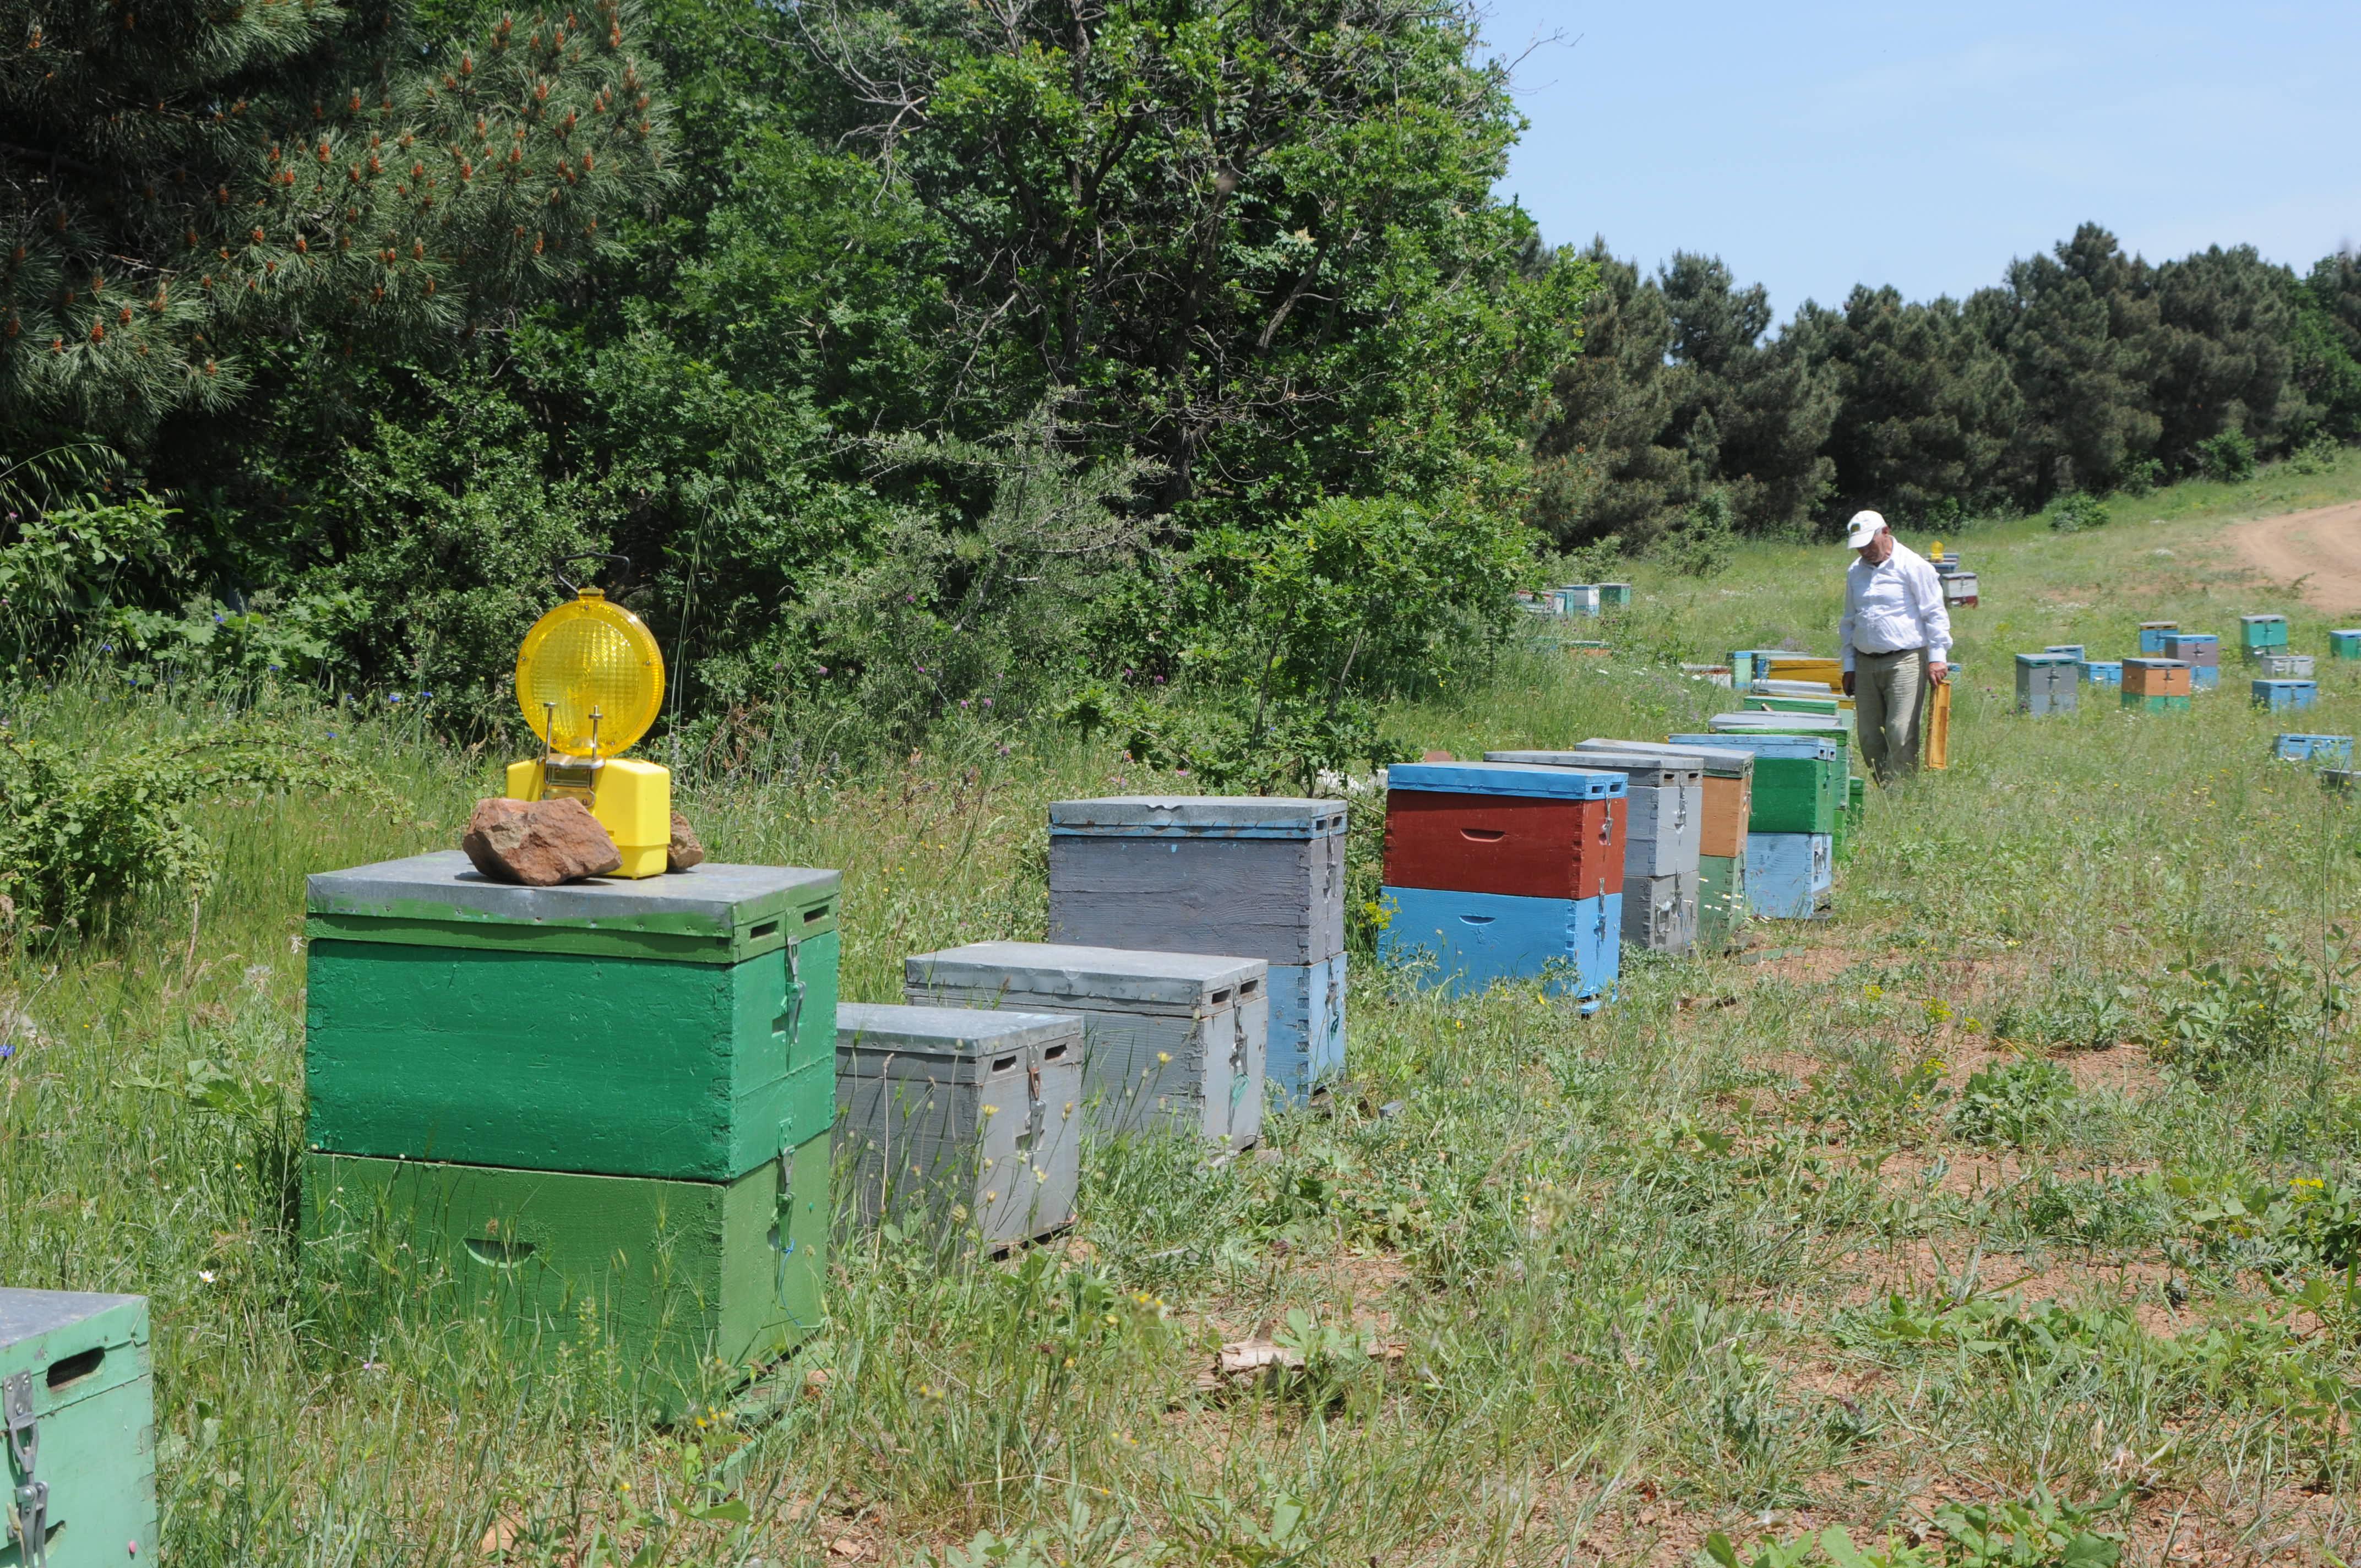 """Η κλιματική αλλαγή """"χτύπησε"""" και την παραγωγικότητα των μελισσών"""